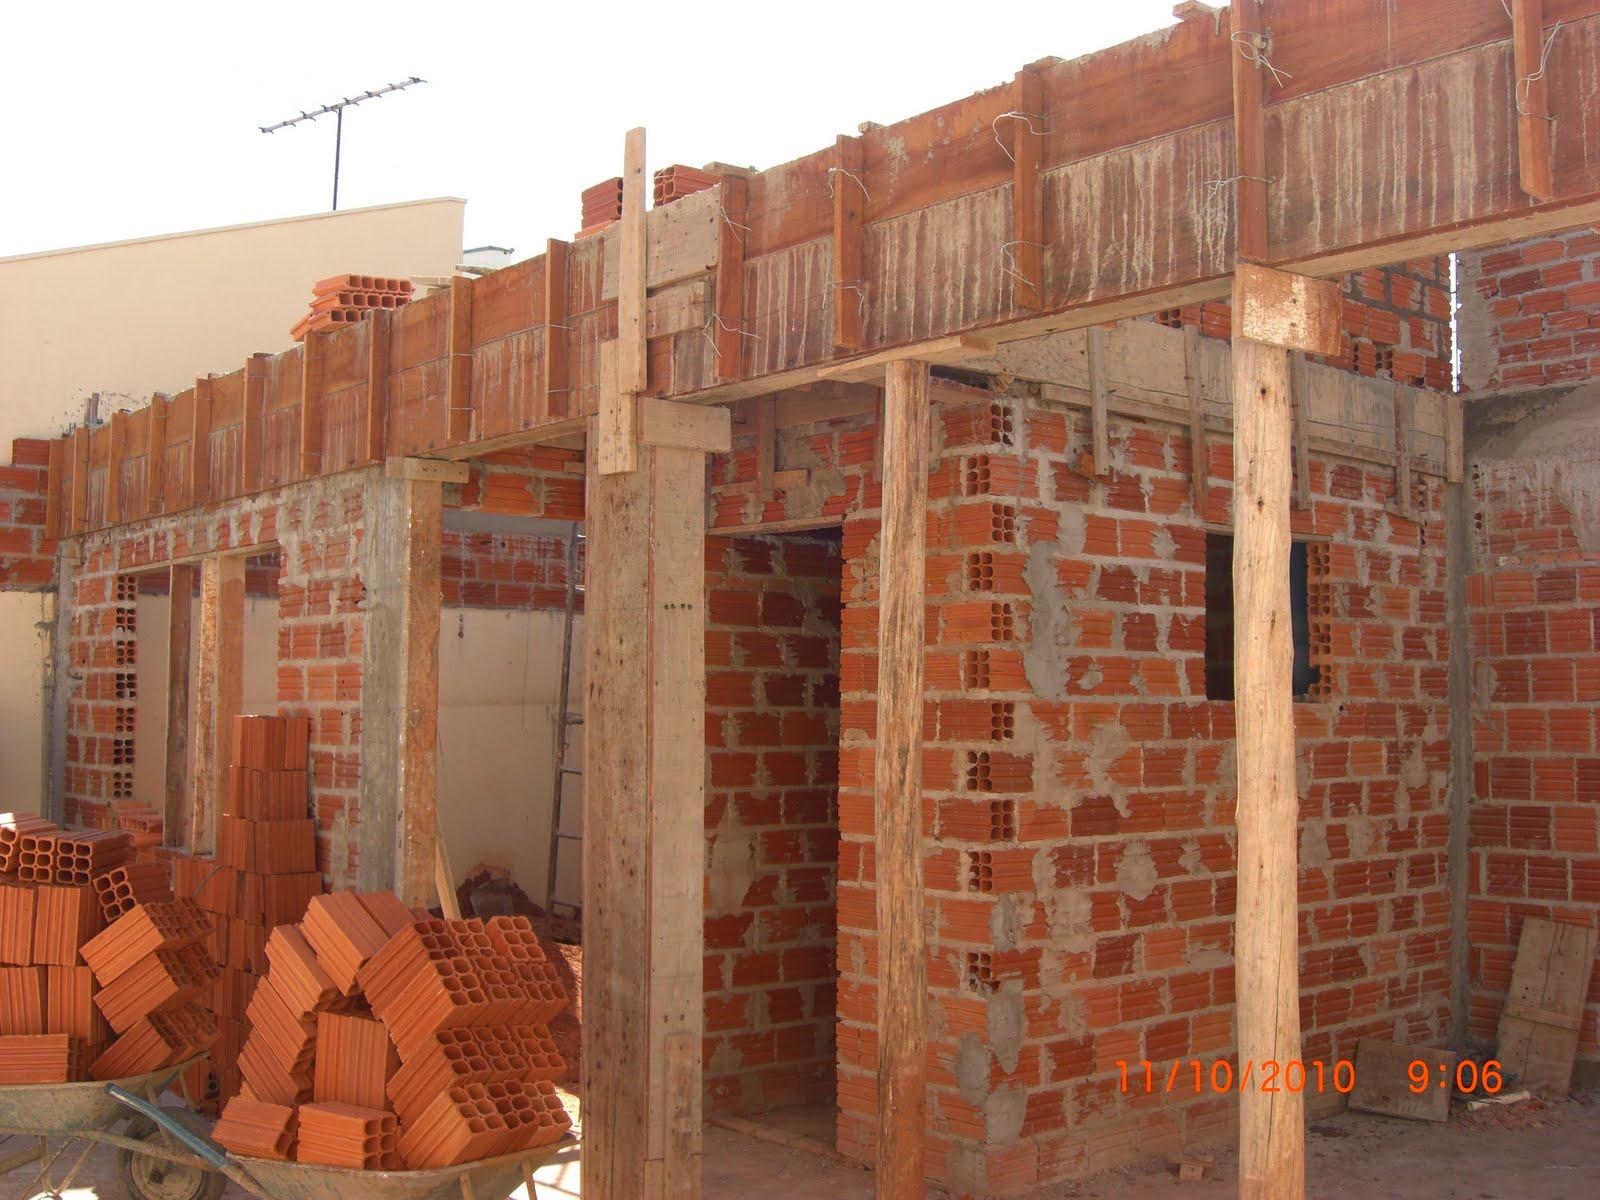 EDGAR KUWABARA ARQUITETURA: CONSTRUÇÃO DE EDÍCULA COM ÁREA DE  #A84924 1600x1200 Banheiro Arquitetura E Construção